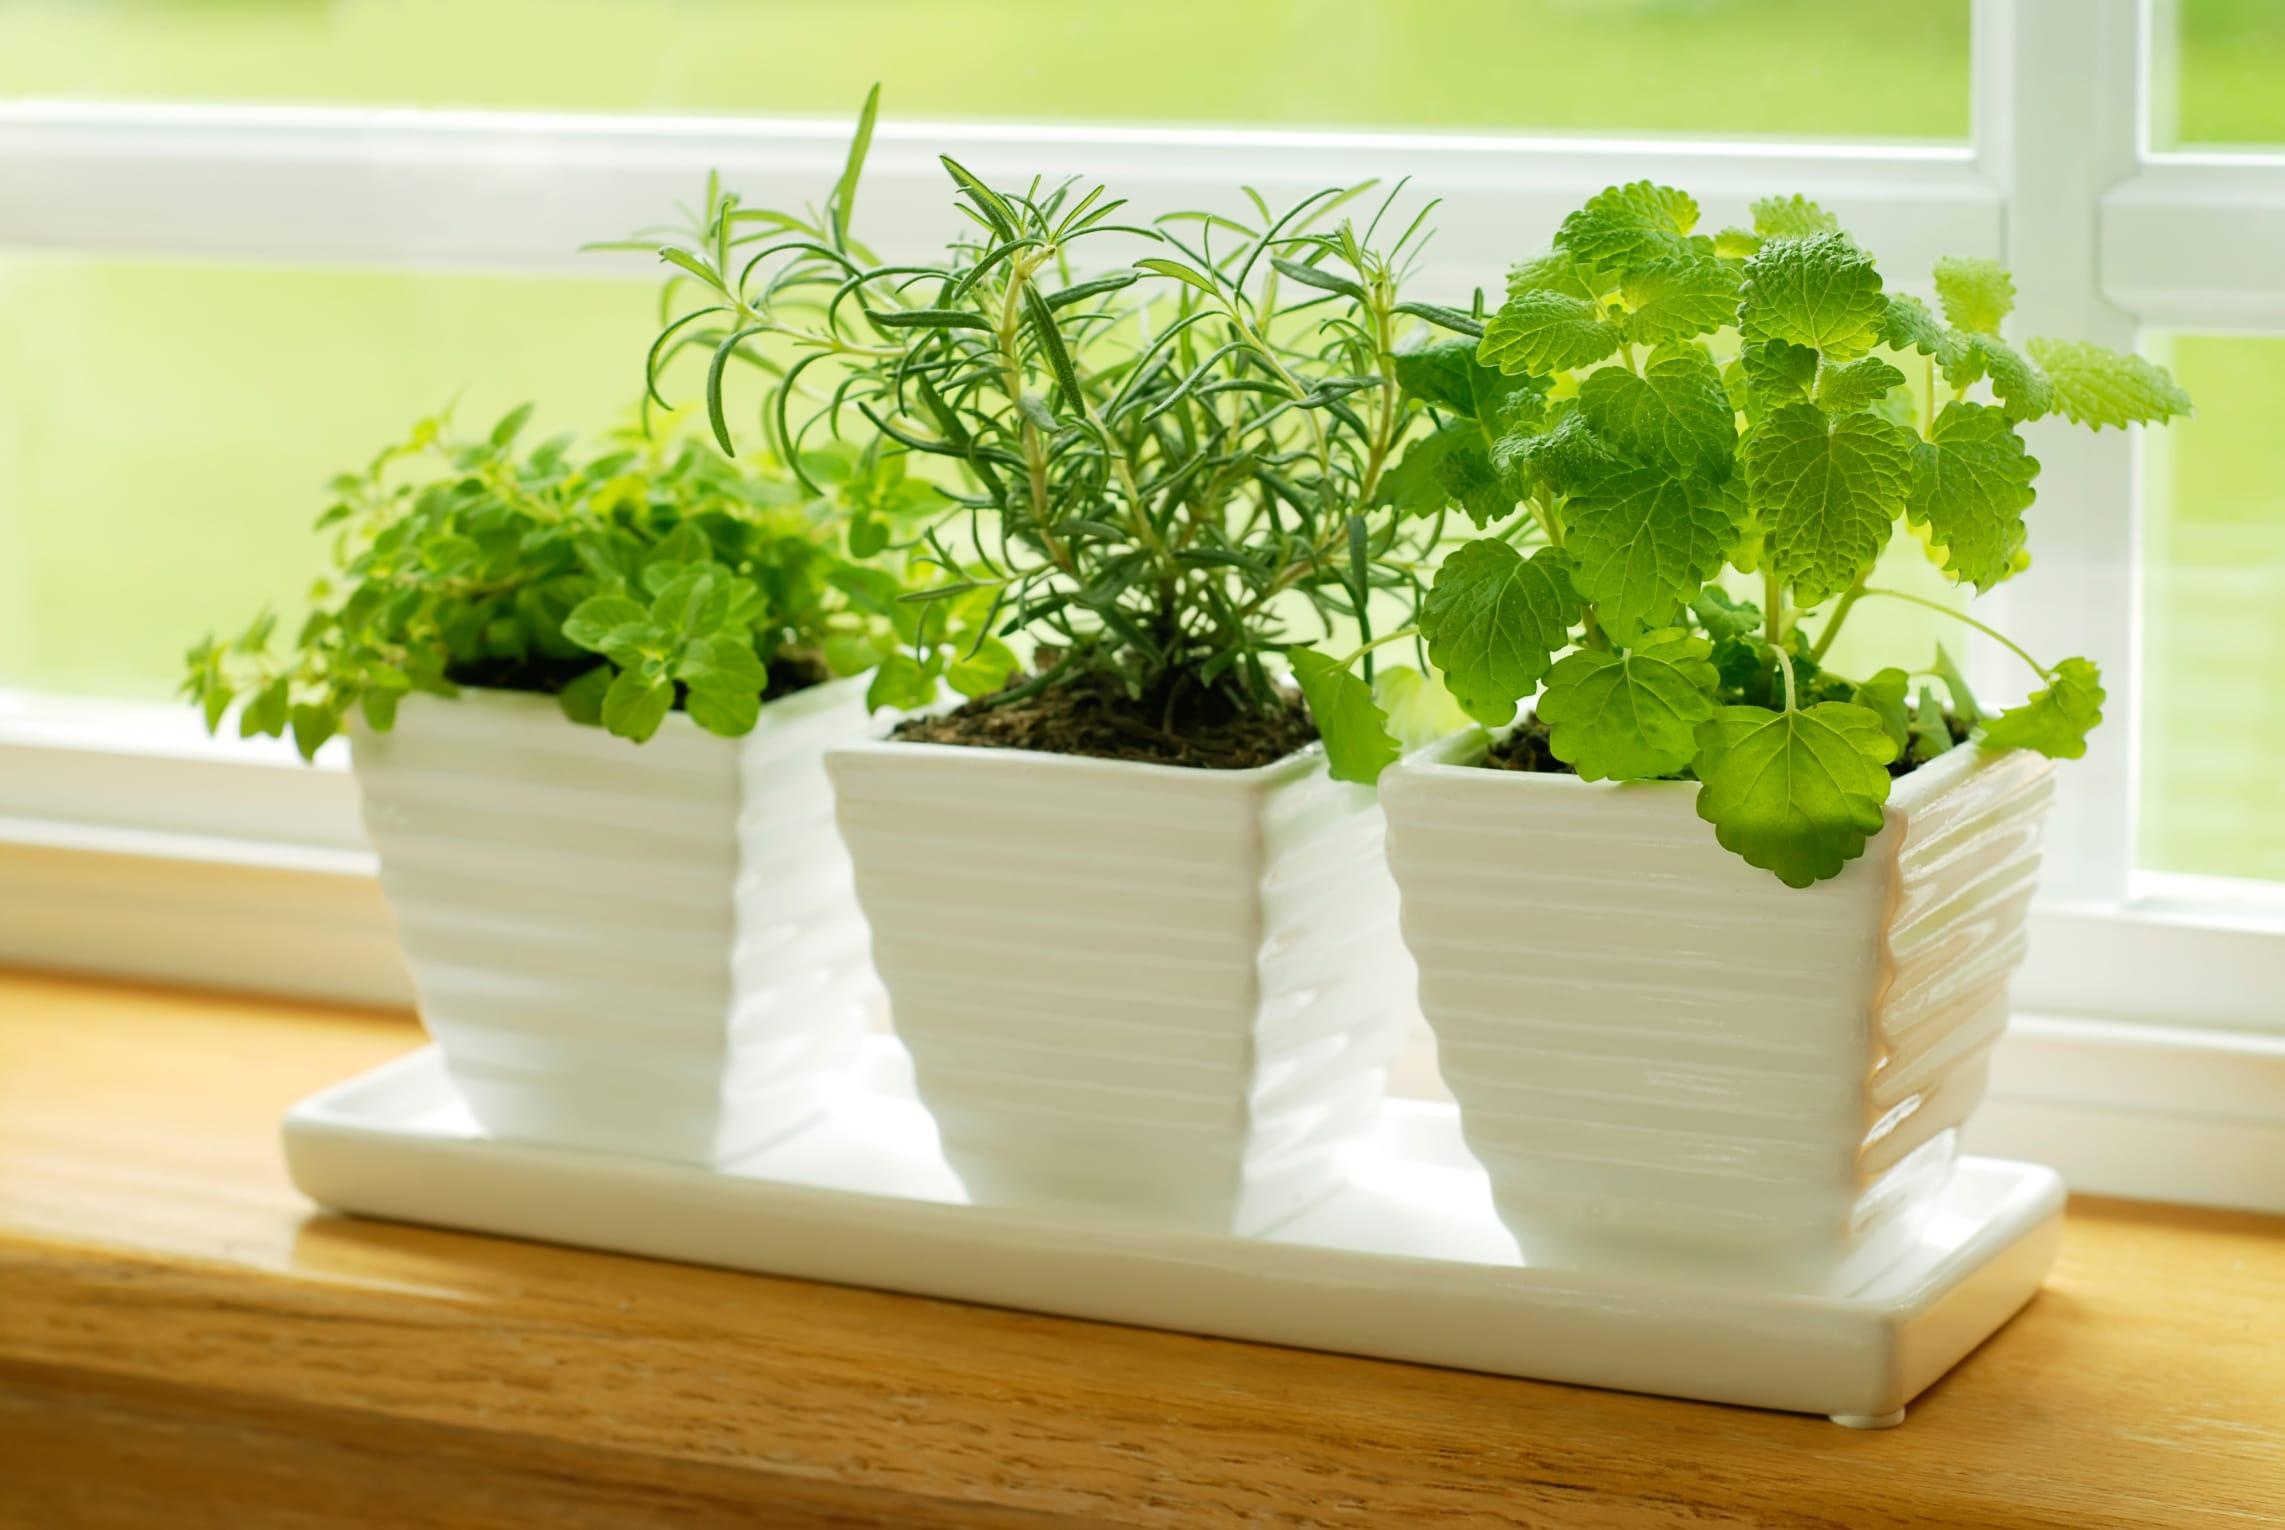 Come piantare piante aromatiche a casa   DONNISSIMA.it